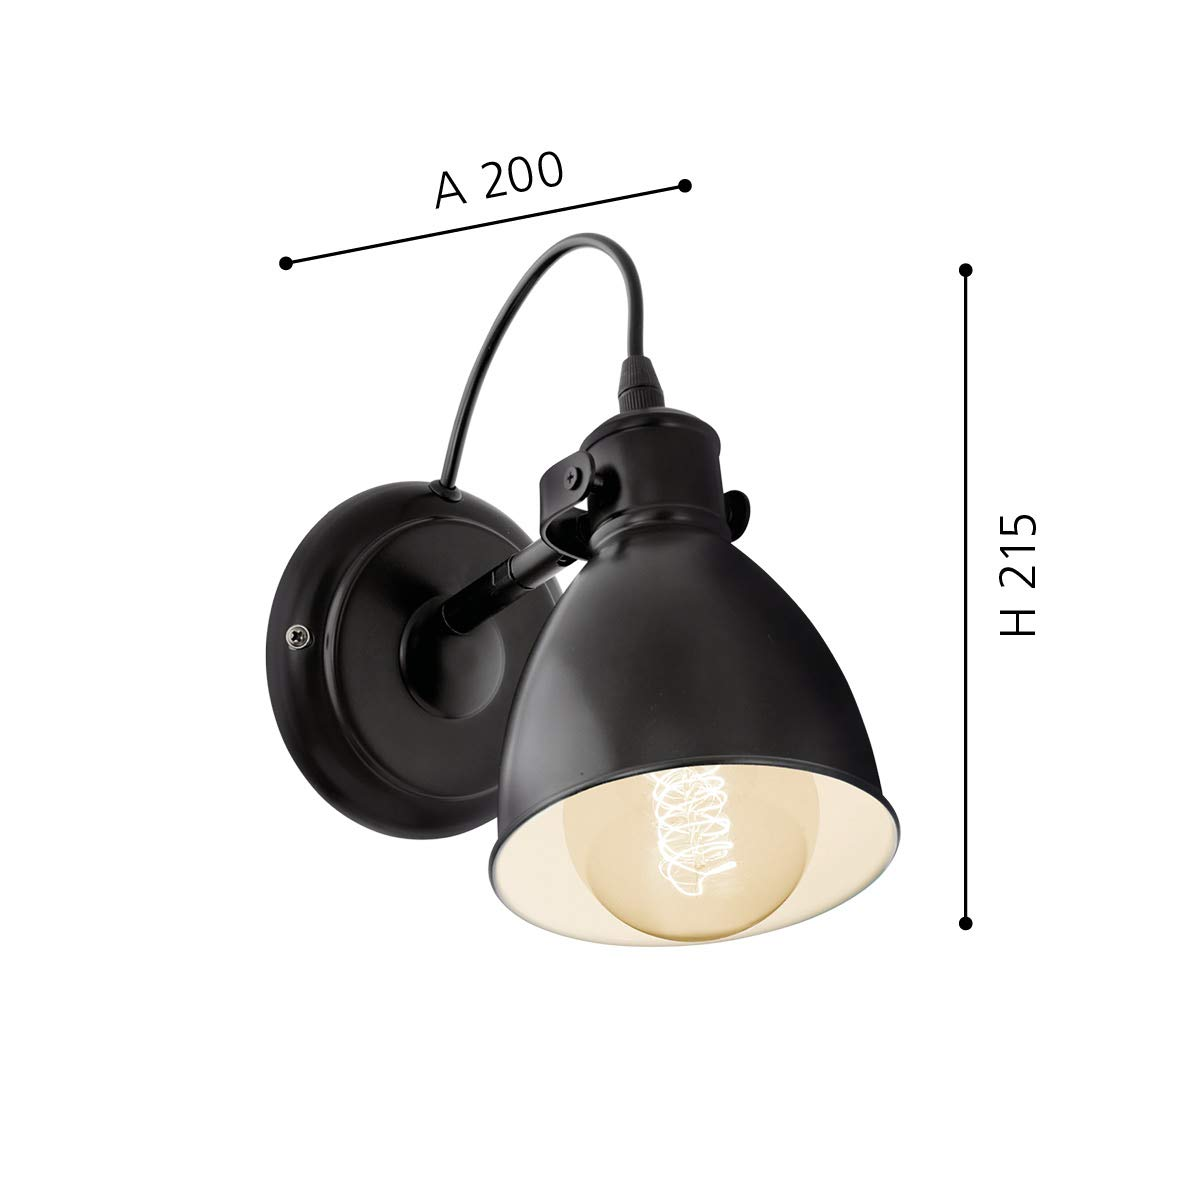 EGLO 49464 Pendelleuchte schwarz